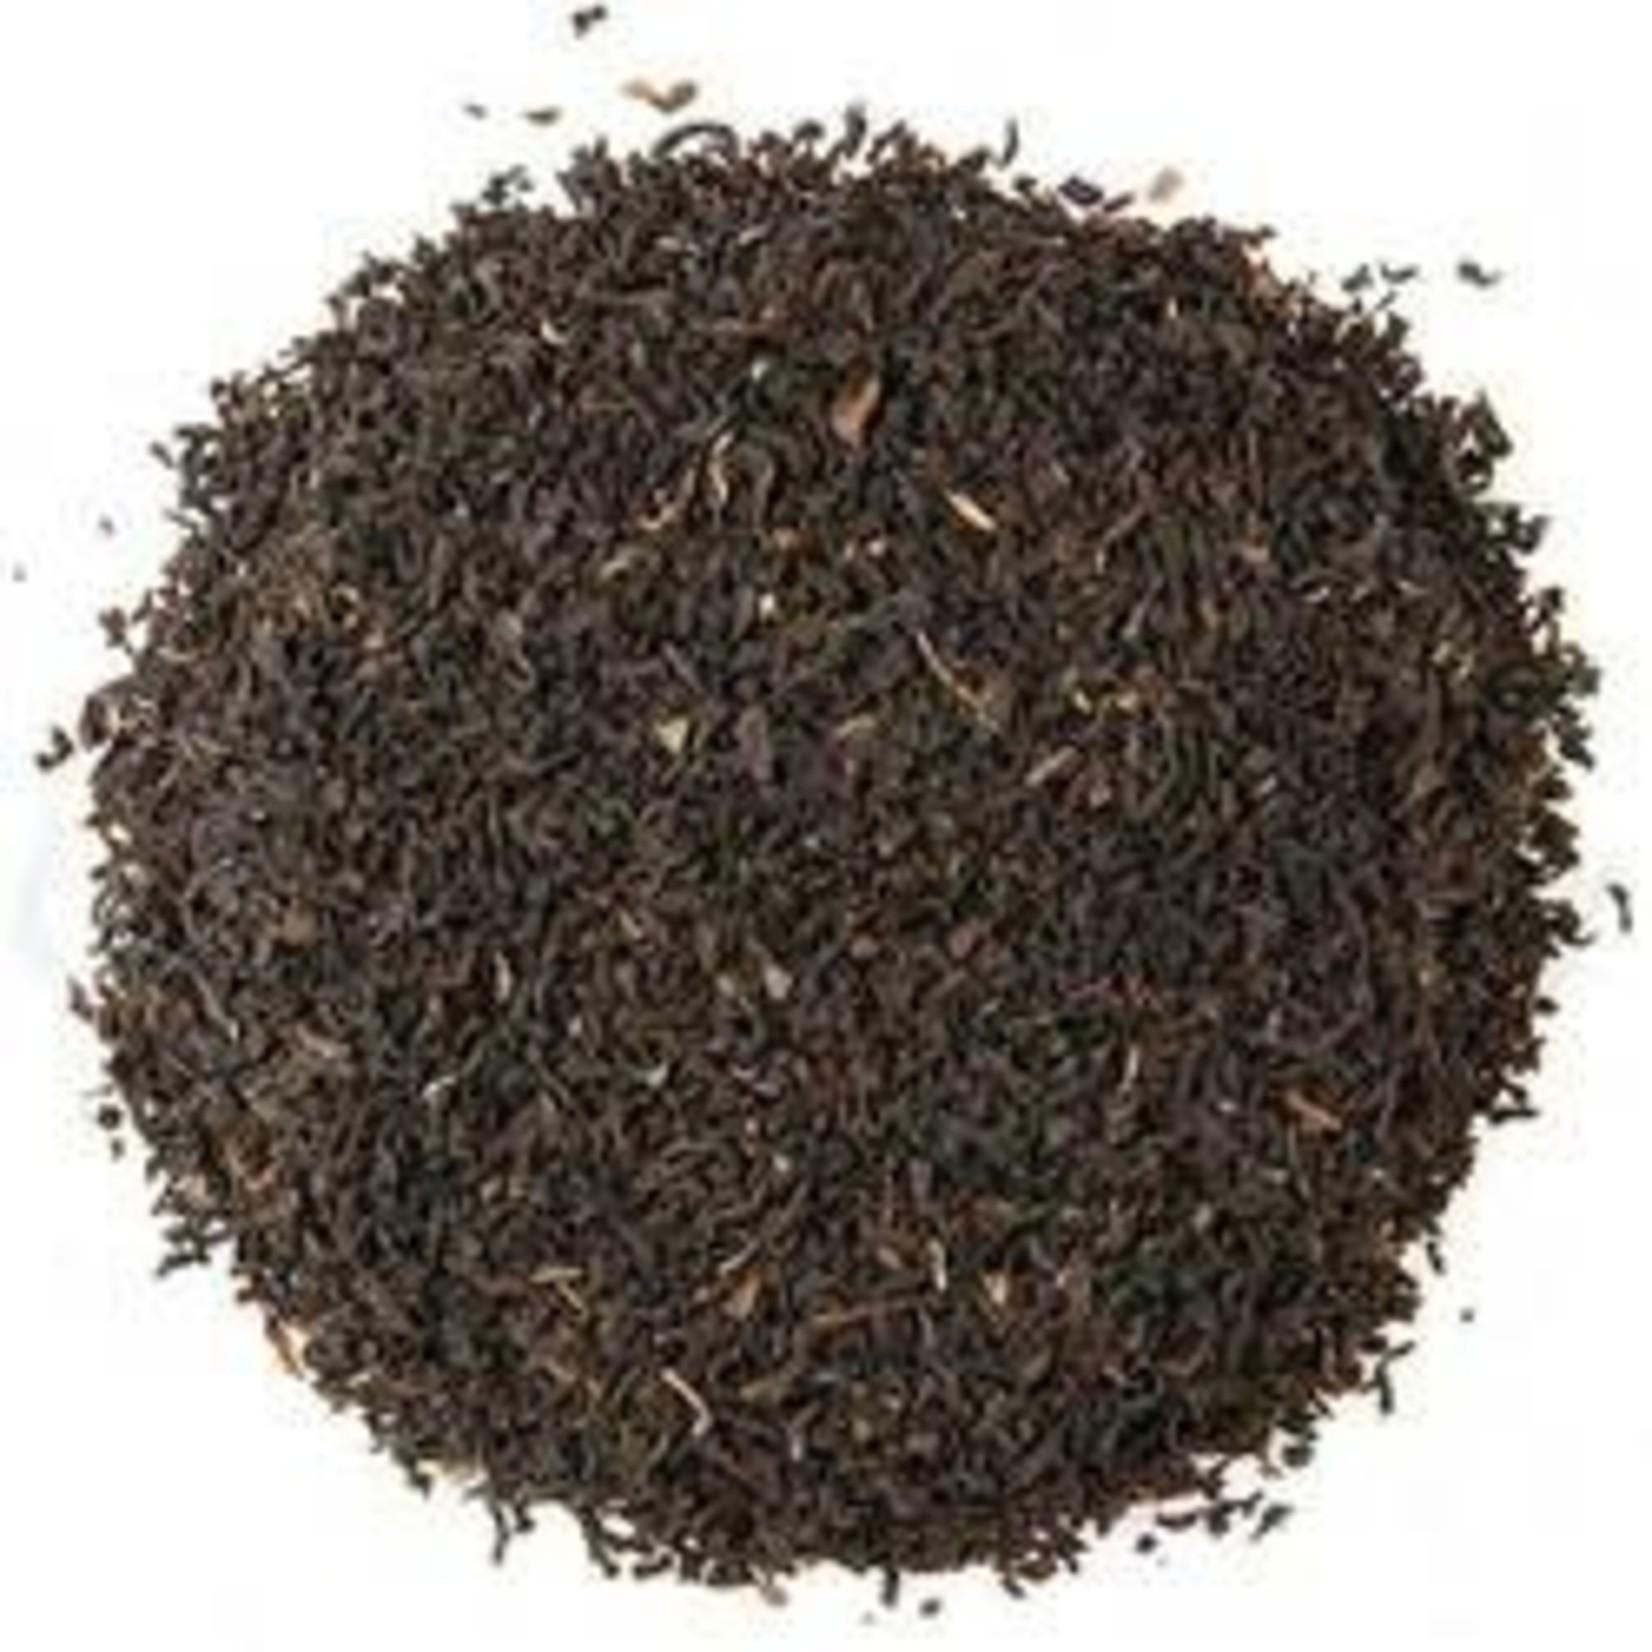 BrewBakers Tea Tiger Hill Black Estate 50g